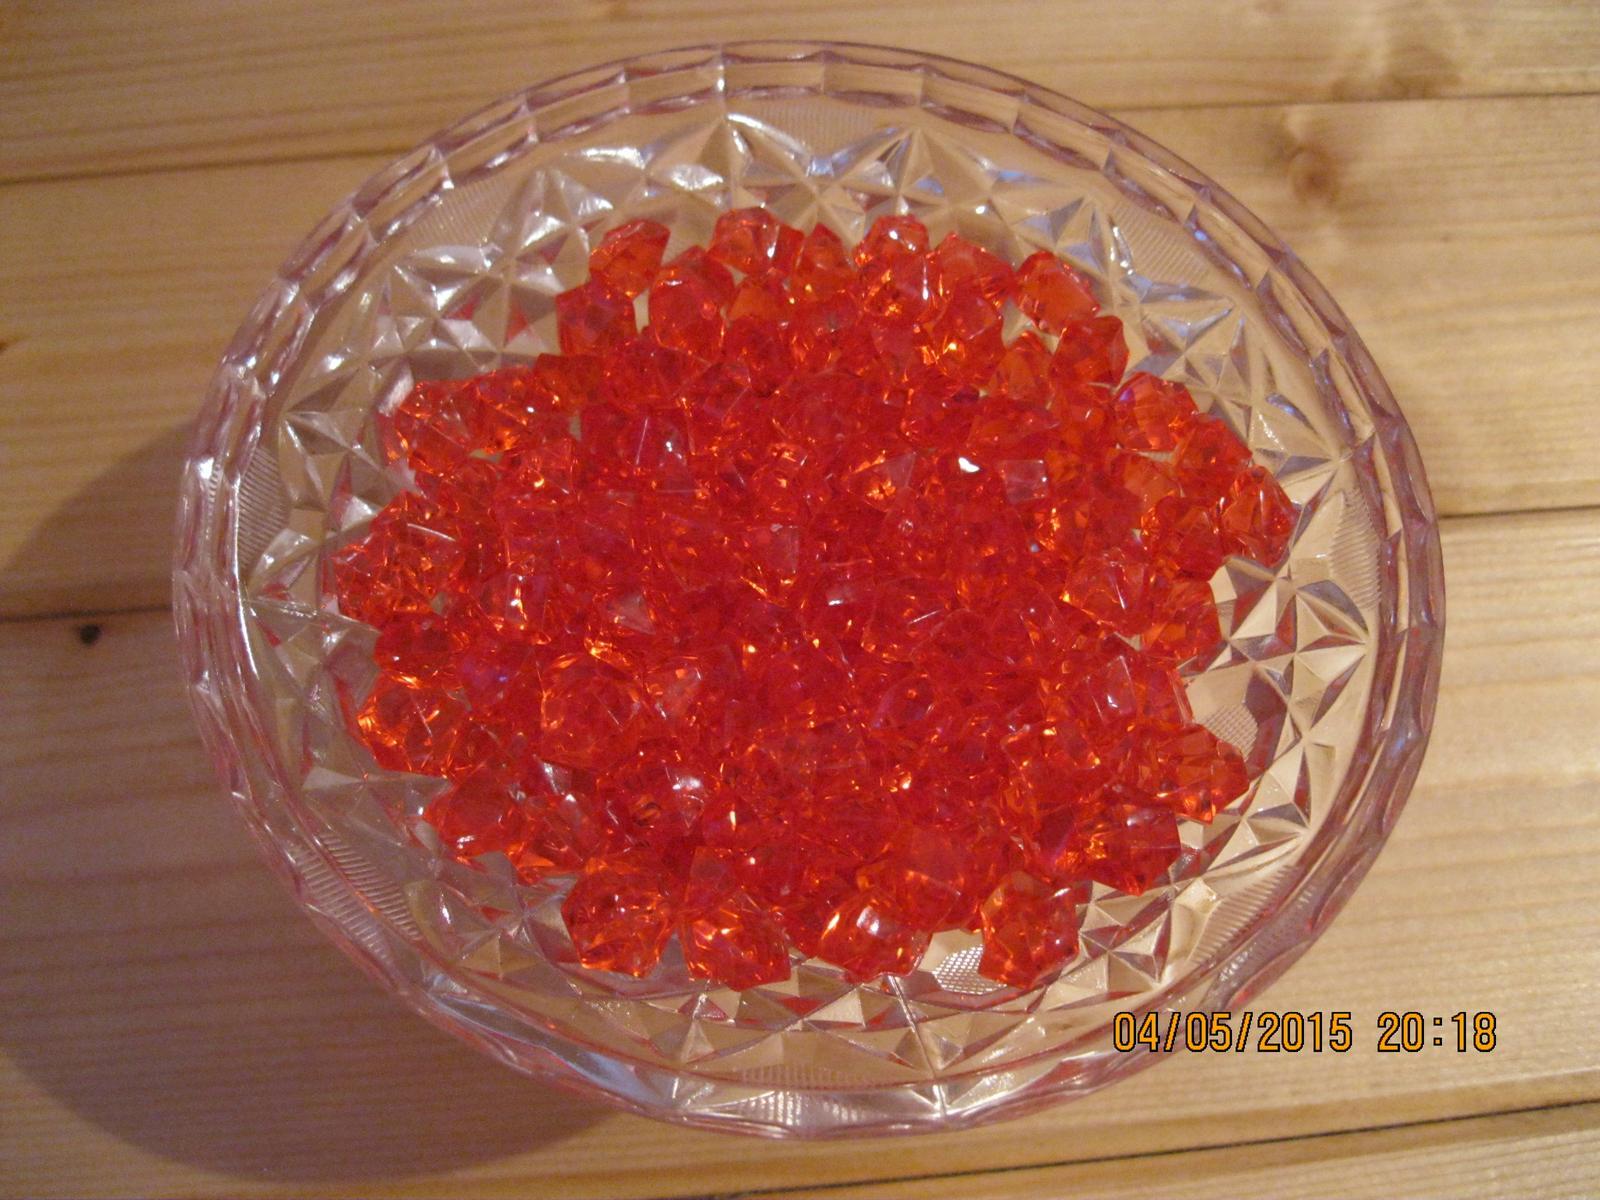 Kamínky červené, 1,5 cm - Obrázek č. 1